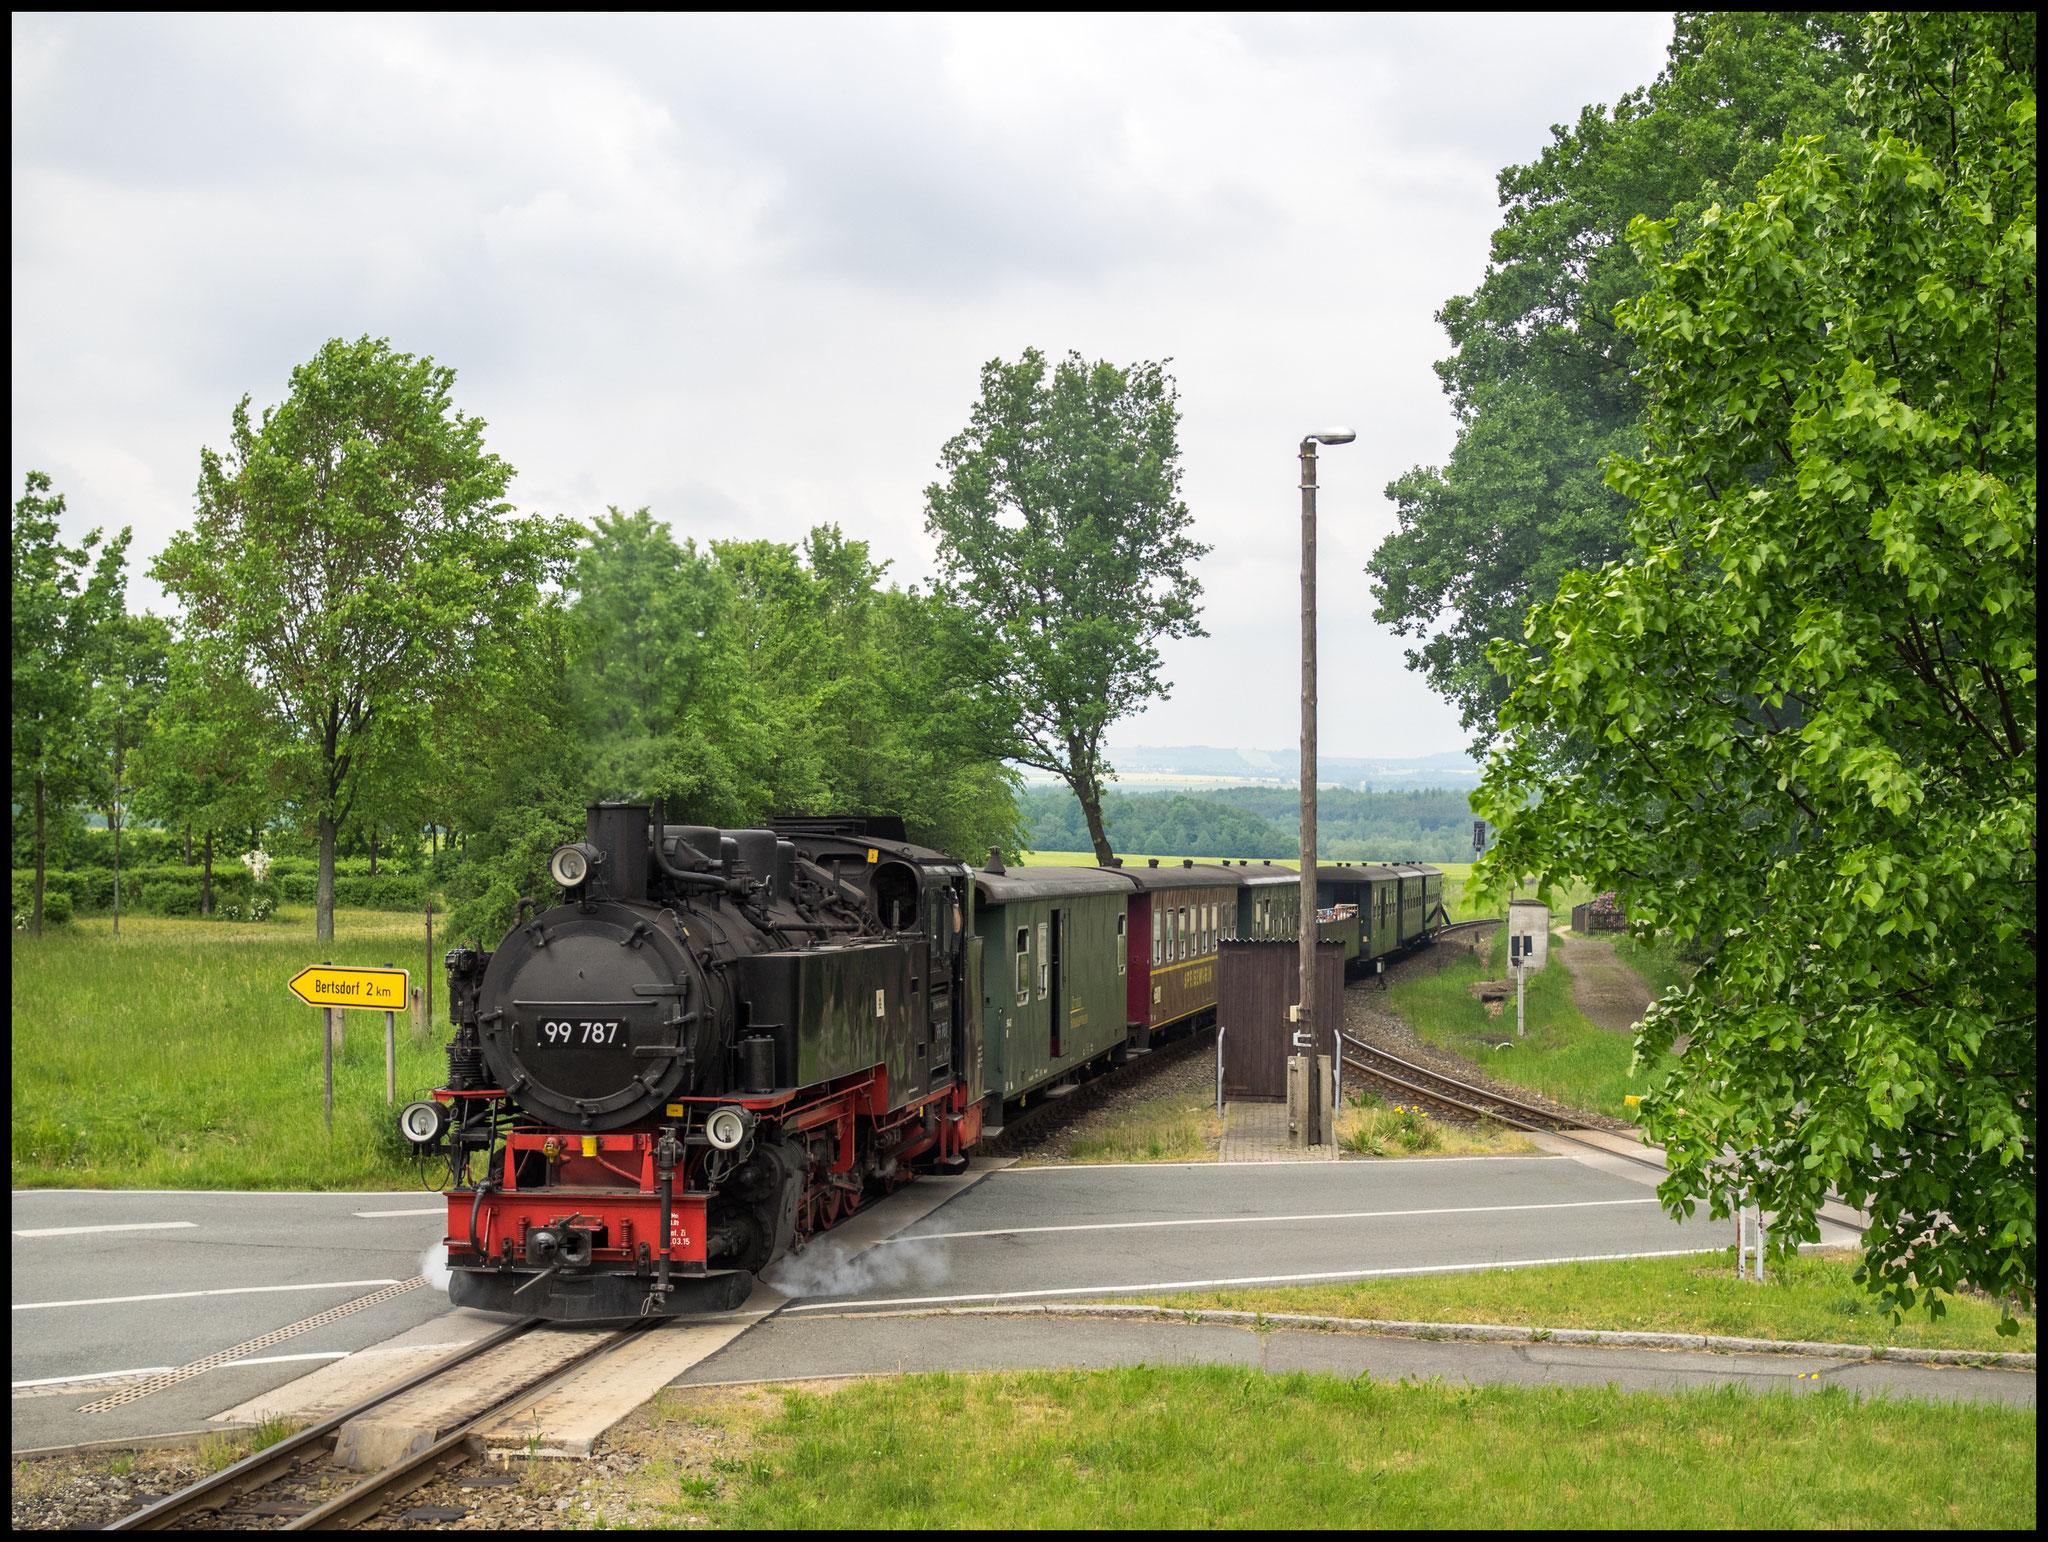 99 787 erreicht den Bhf Bertsdorf